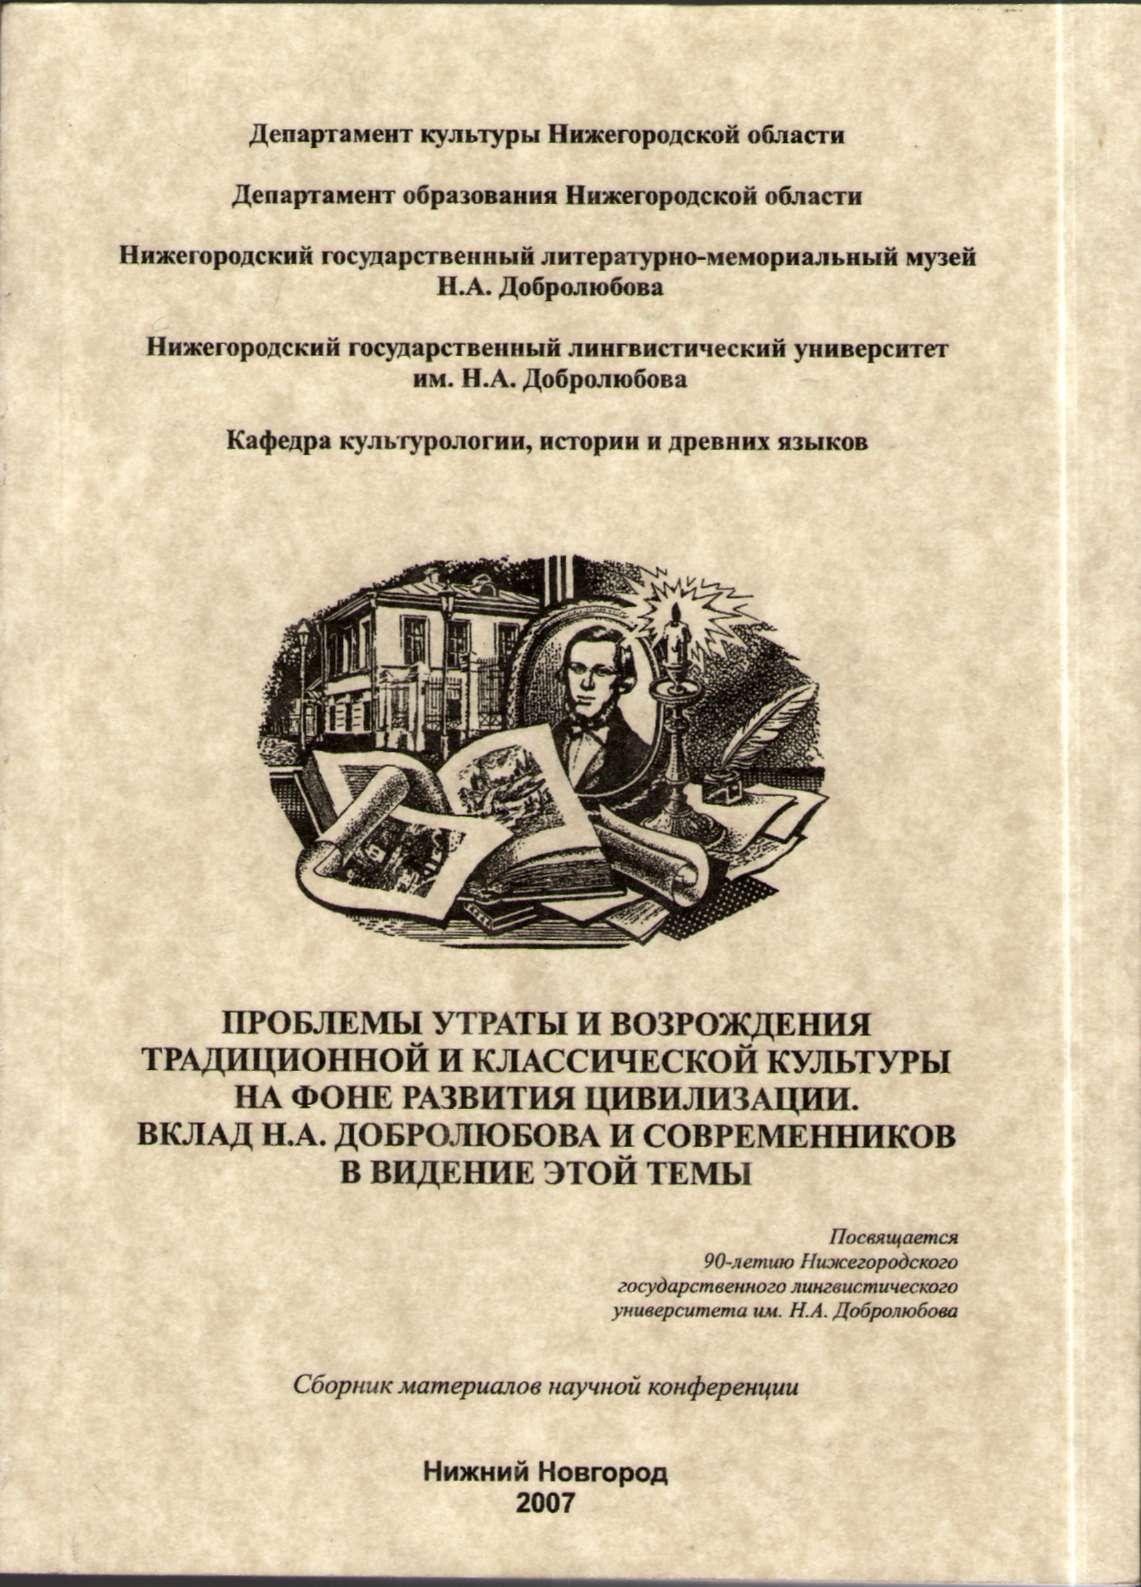 Законодательные и практические меры Петра Великого по сохранению историко-культурных ценностей